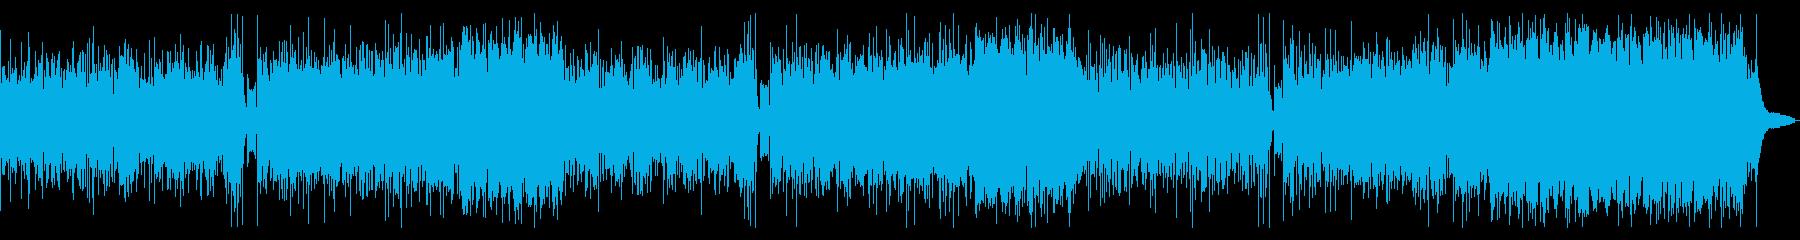 コーラスシンセが印象的な元気印のラテンの再生済みの波形